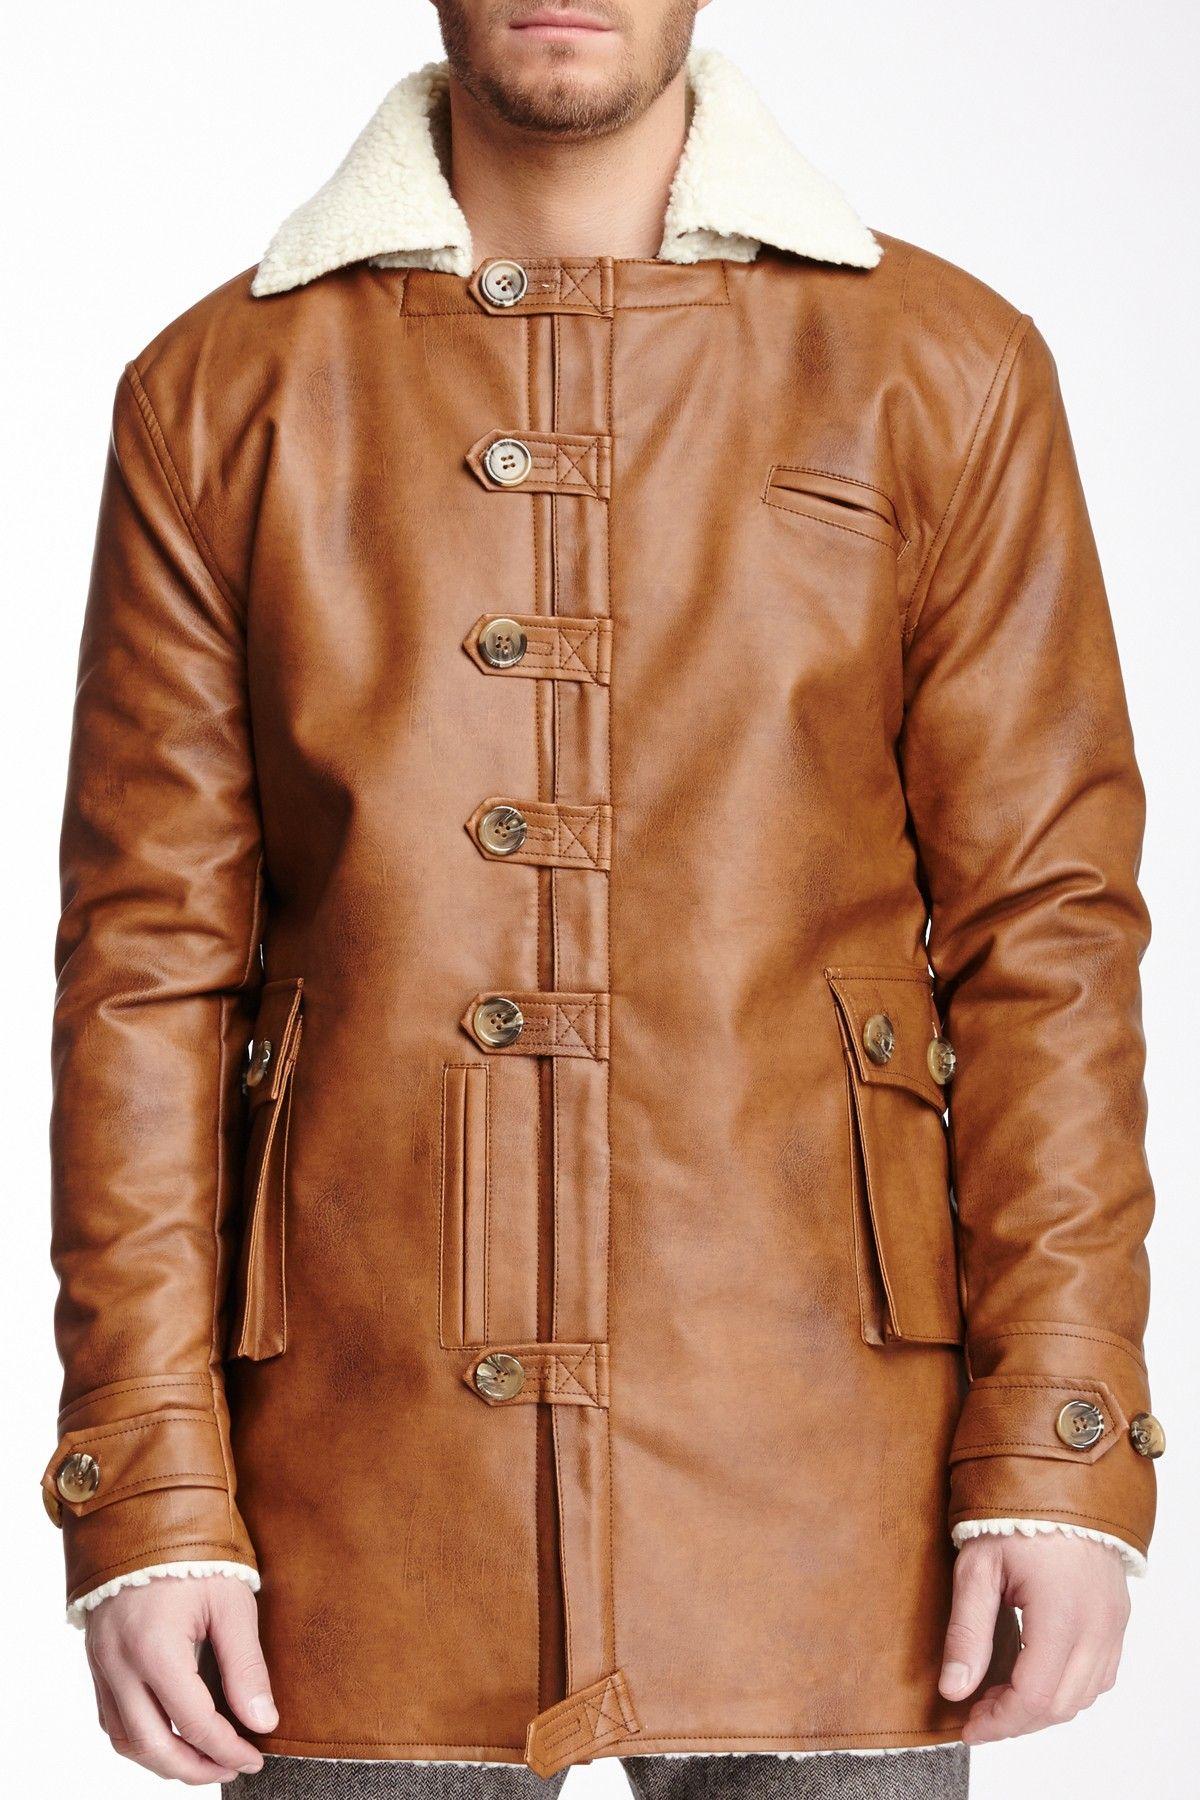 Hautelook Seduka More Repair Faux Leather Jacket Jackets Leather Jacket Faux Leather Jackets [ 1800 x 1200 Pixel ]